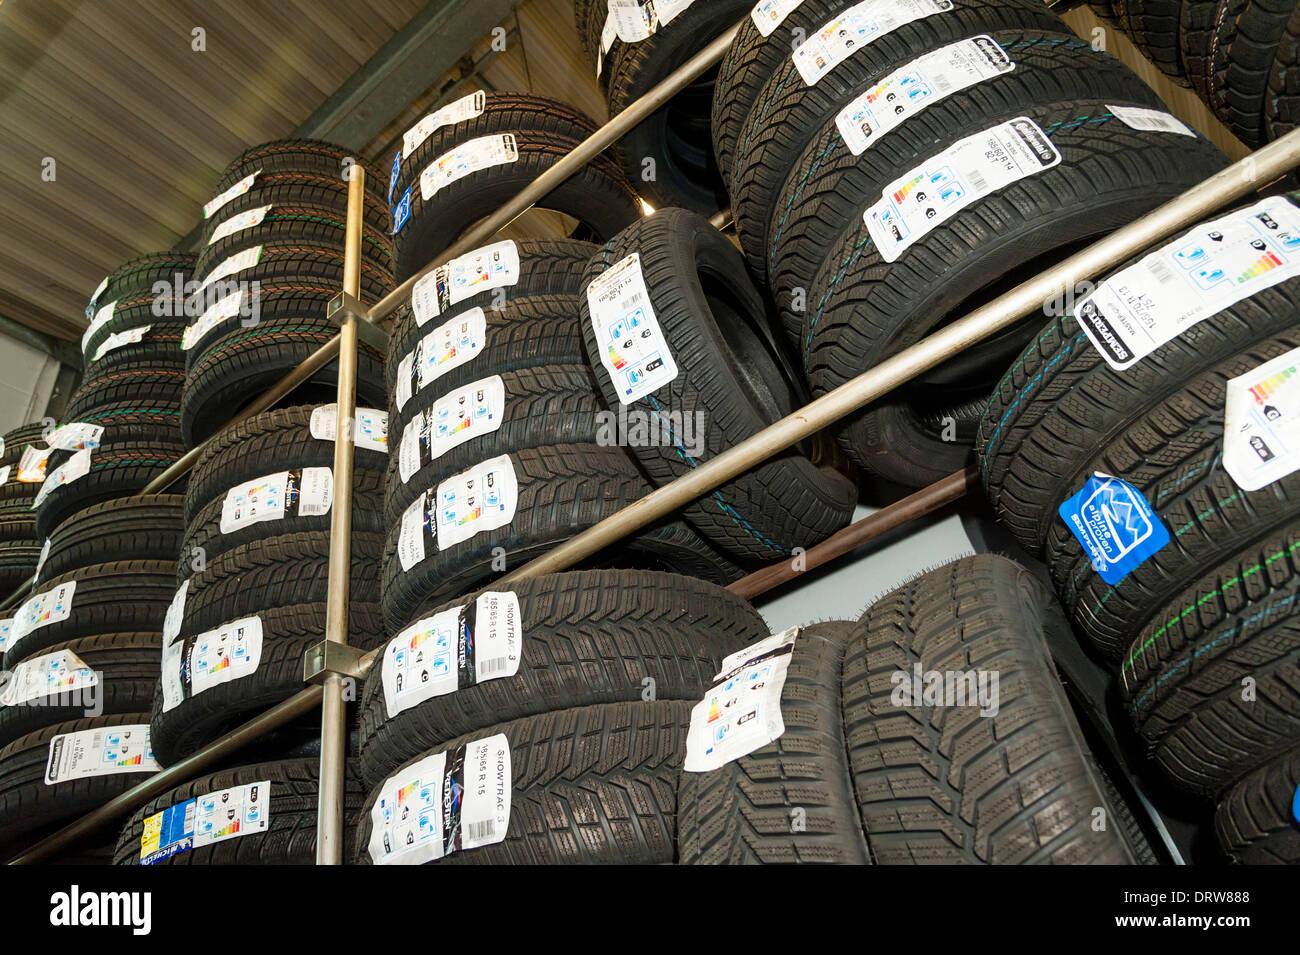 Los neumáticos de coches están almacenados en un garaje. Foto de stock